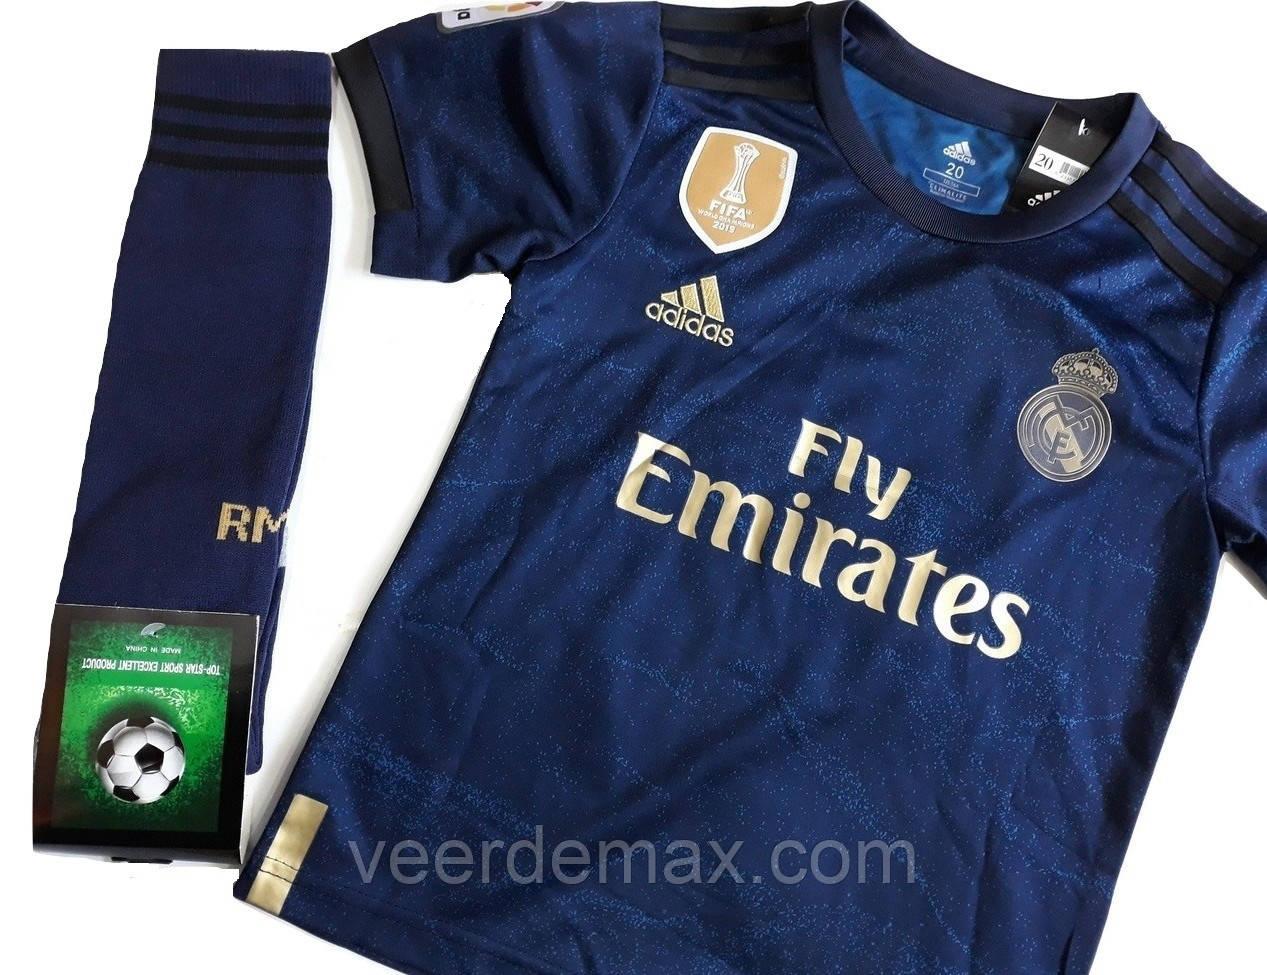 Футбольная форма Реал Мадрид (Эден Азар) сезон 19/20 детская + гетры в подарок